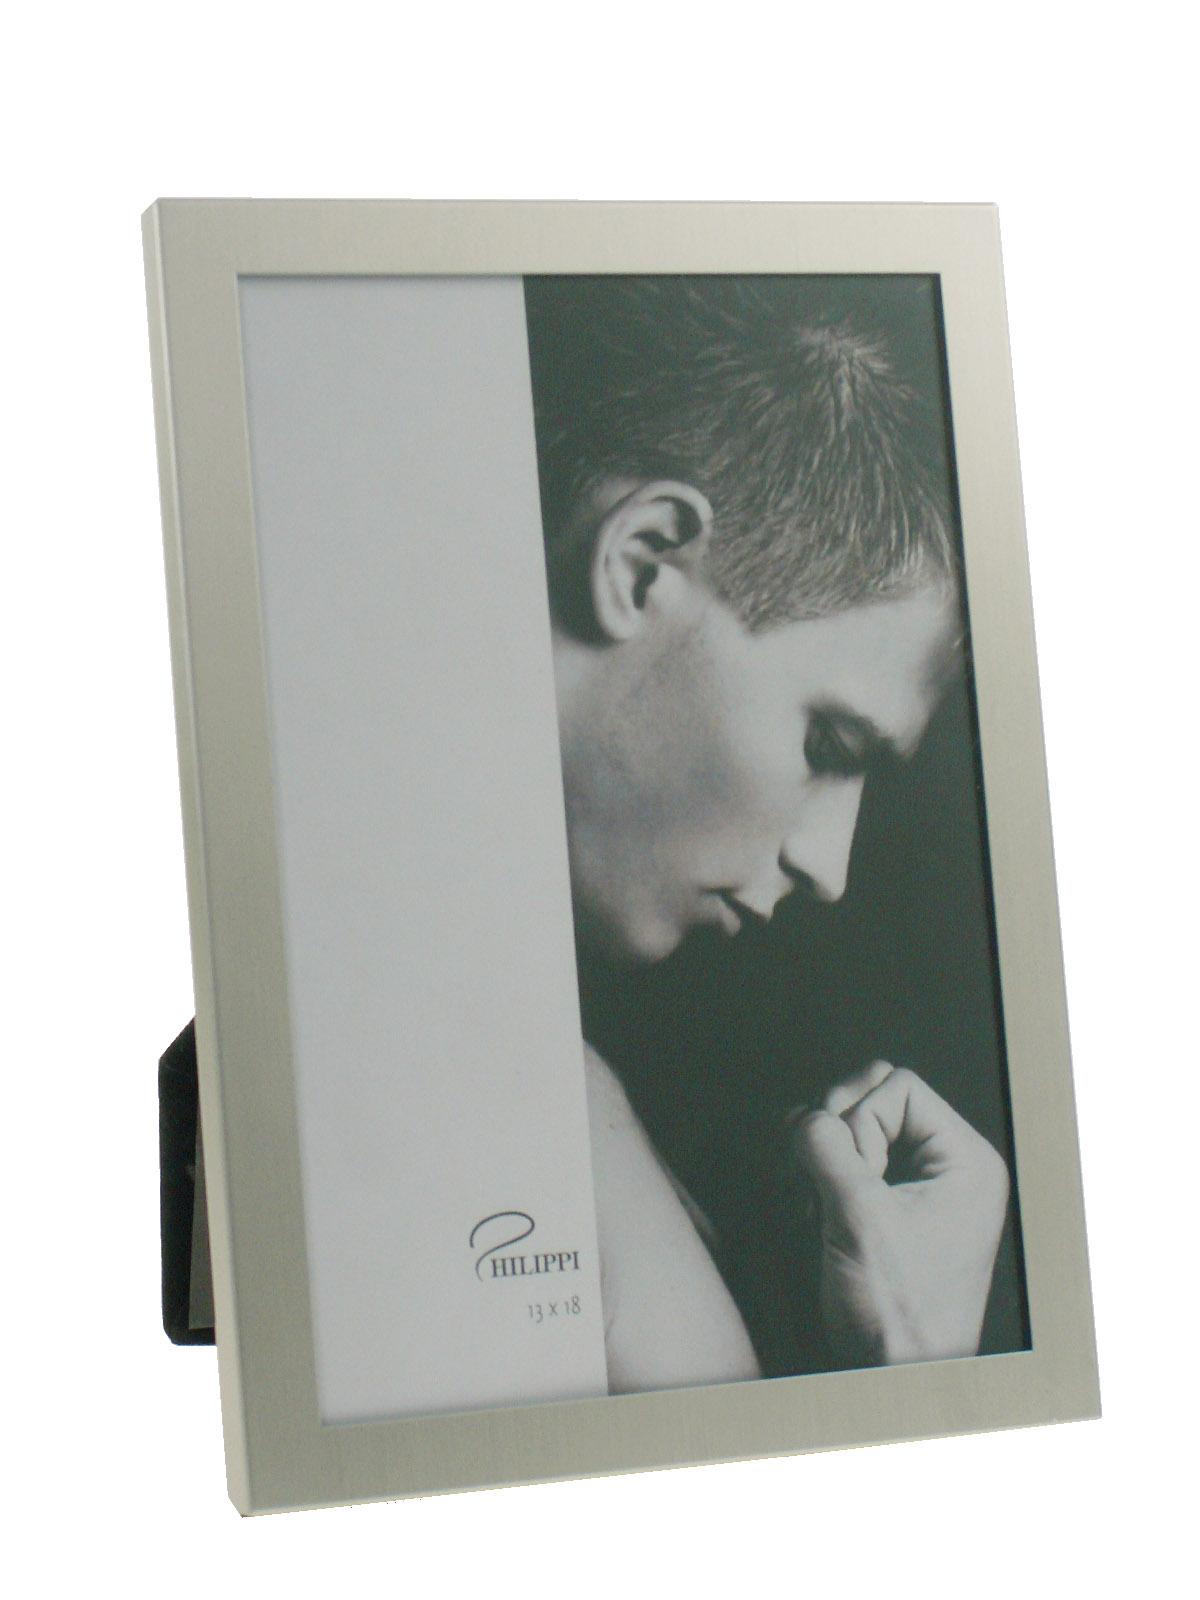 Fotografie DAVID rámeček na fotografie 13 x 18 cm - Philippi